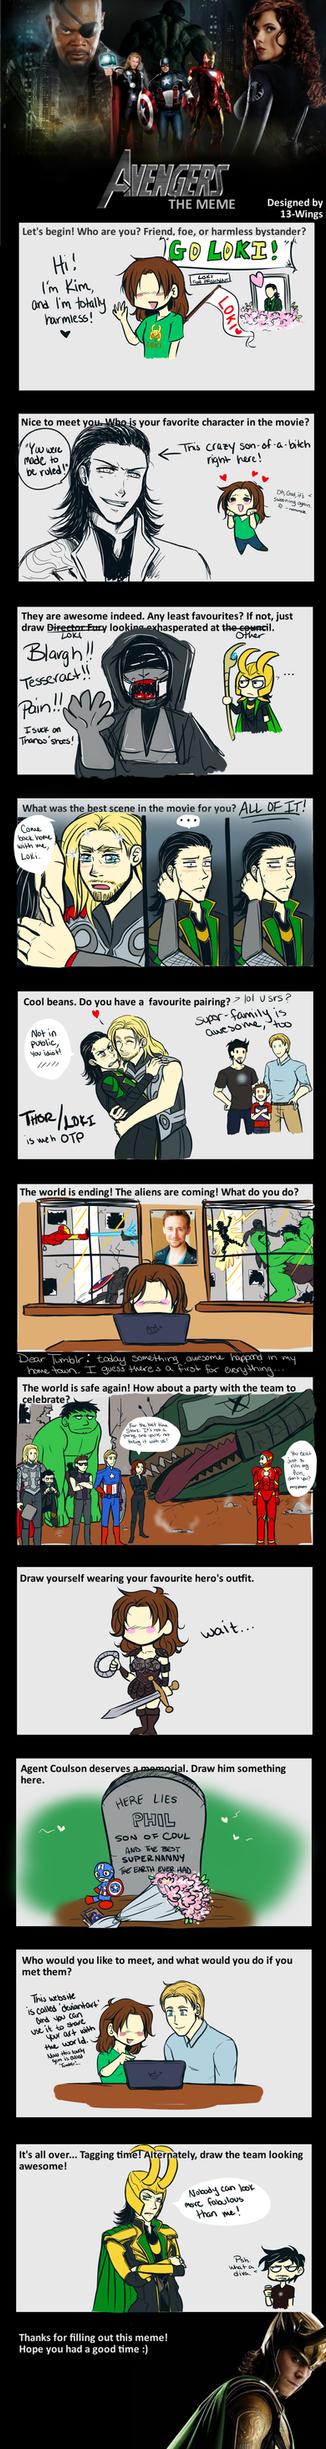 Avengers meme by sessystalker